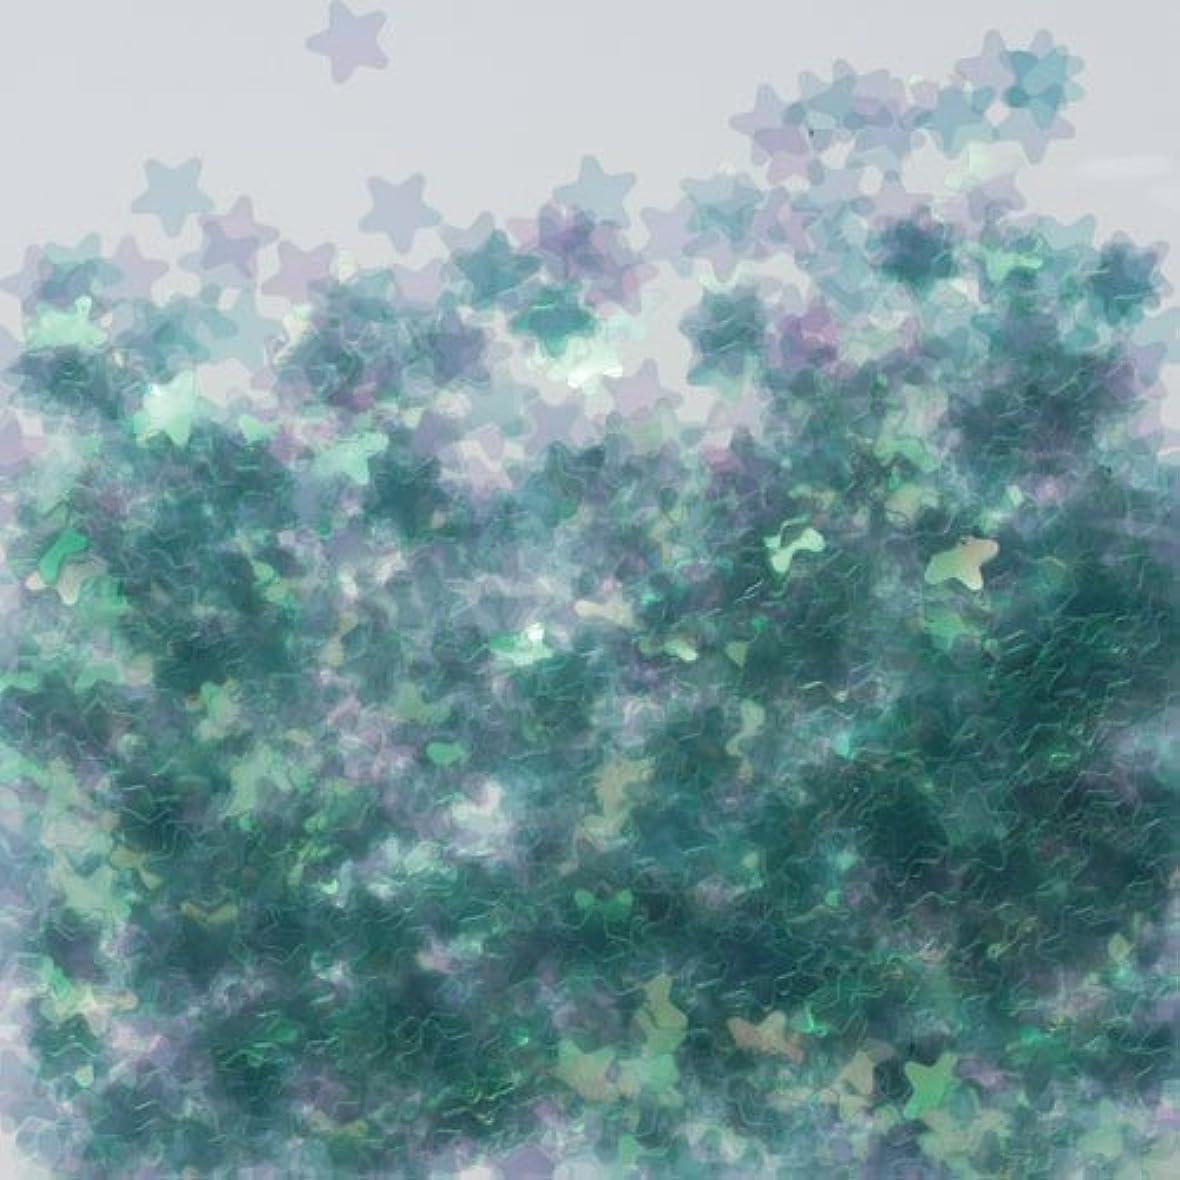 ハントネズミ演劇ピカエース ネイル用パウダー 星オーロラ 耐溶剤 #770 グリーン 0.5g